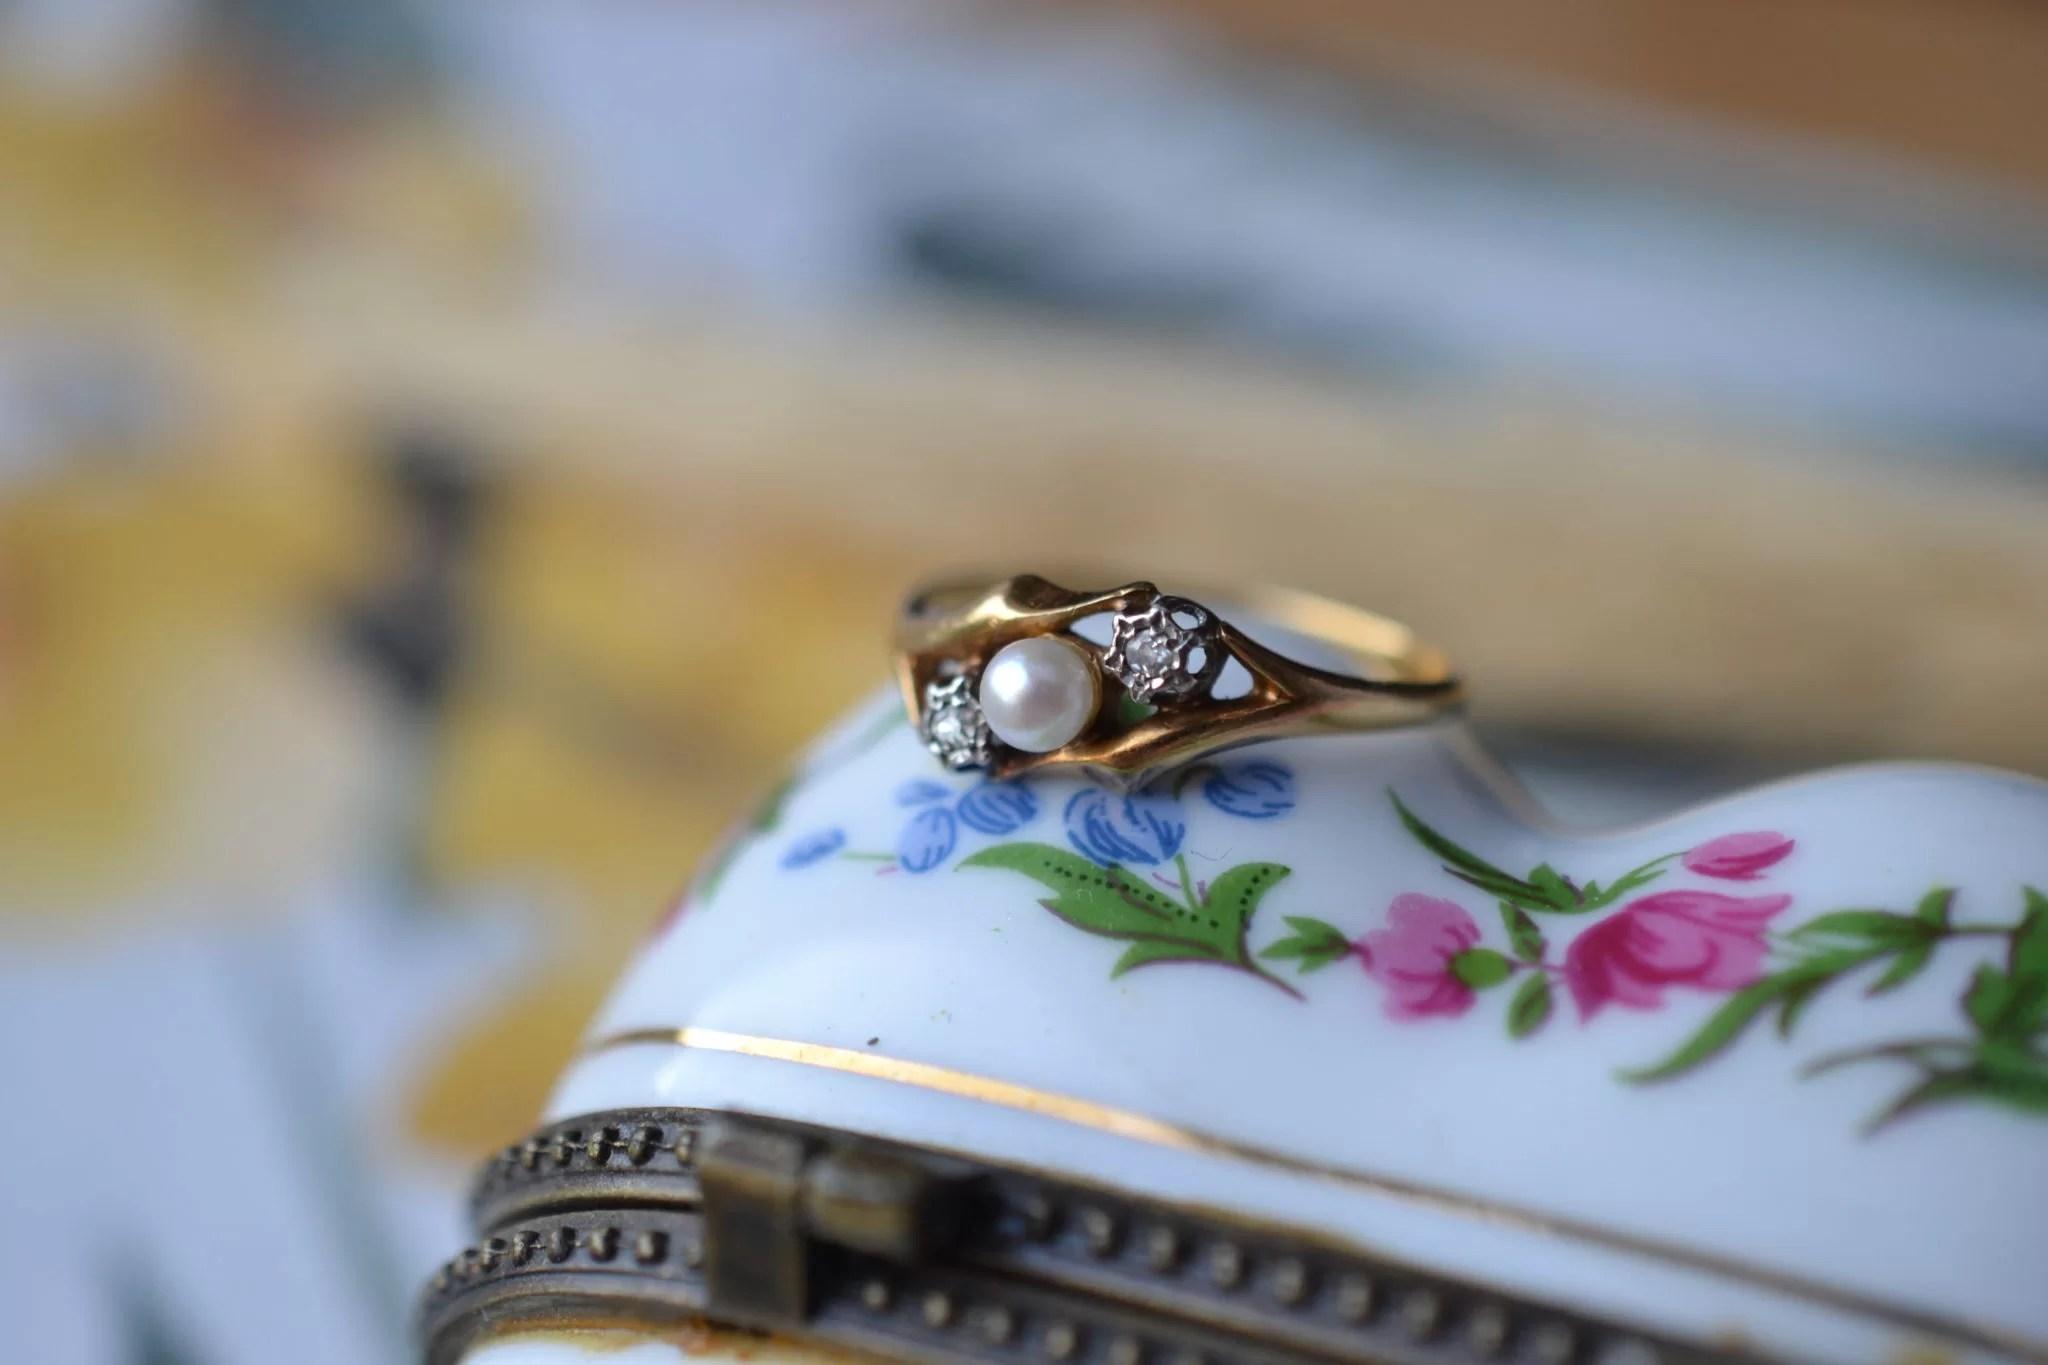 Bague En Or Jaune Ornée D_une Perle Bouton Entourée De 2 Diamants - Bague De Fiançailles Vintage